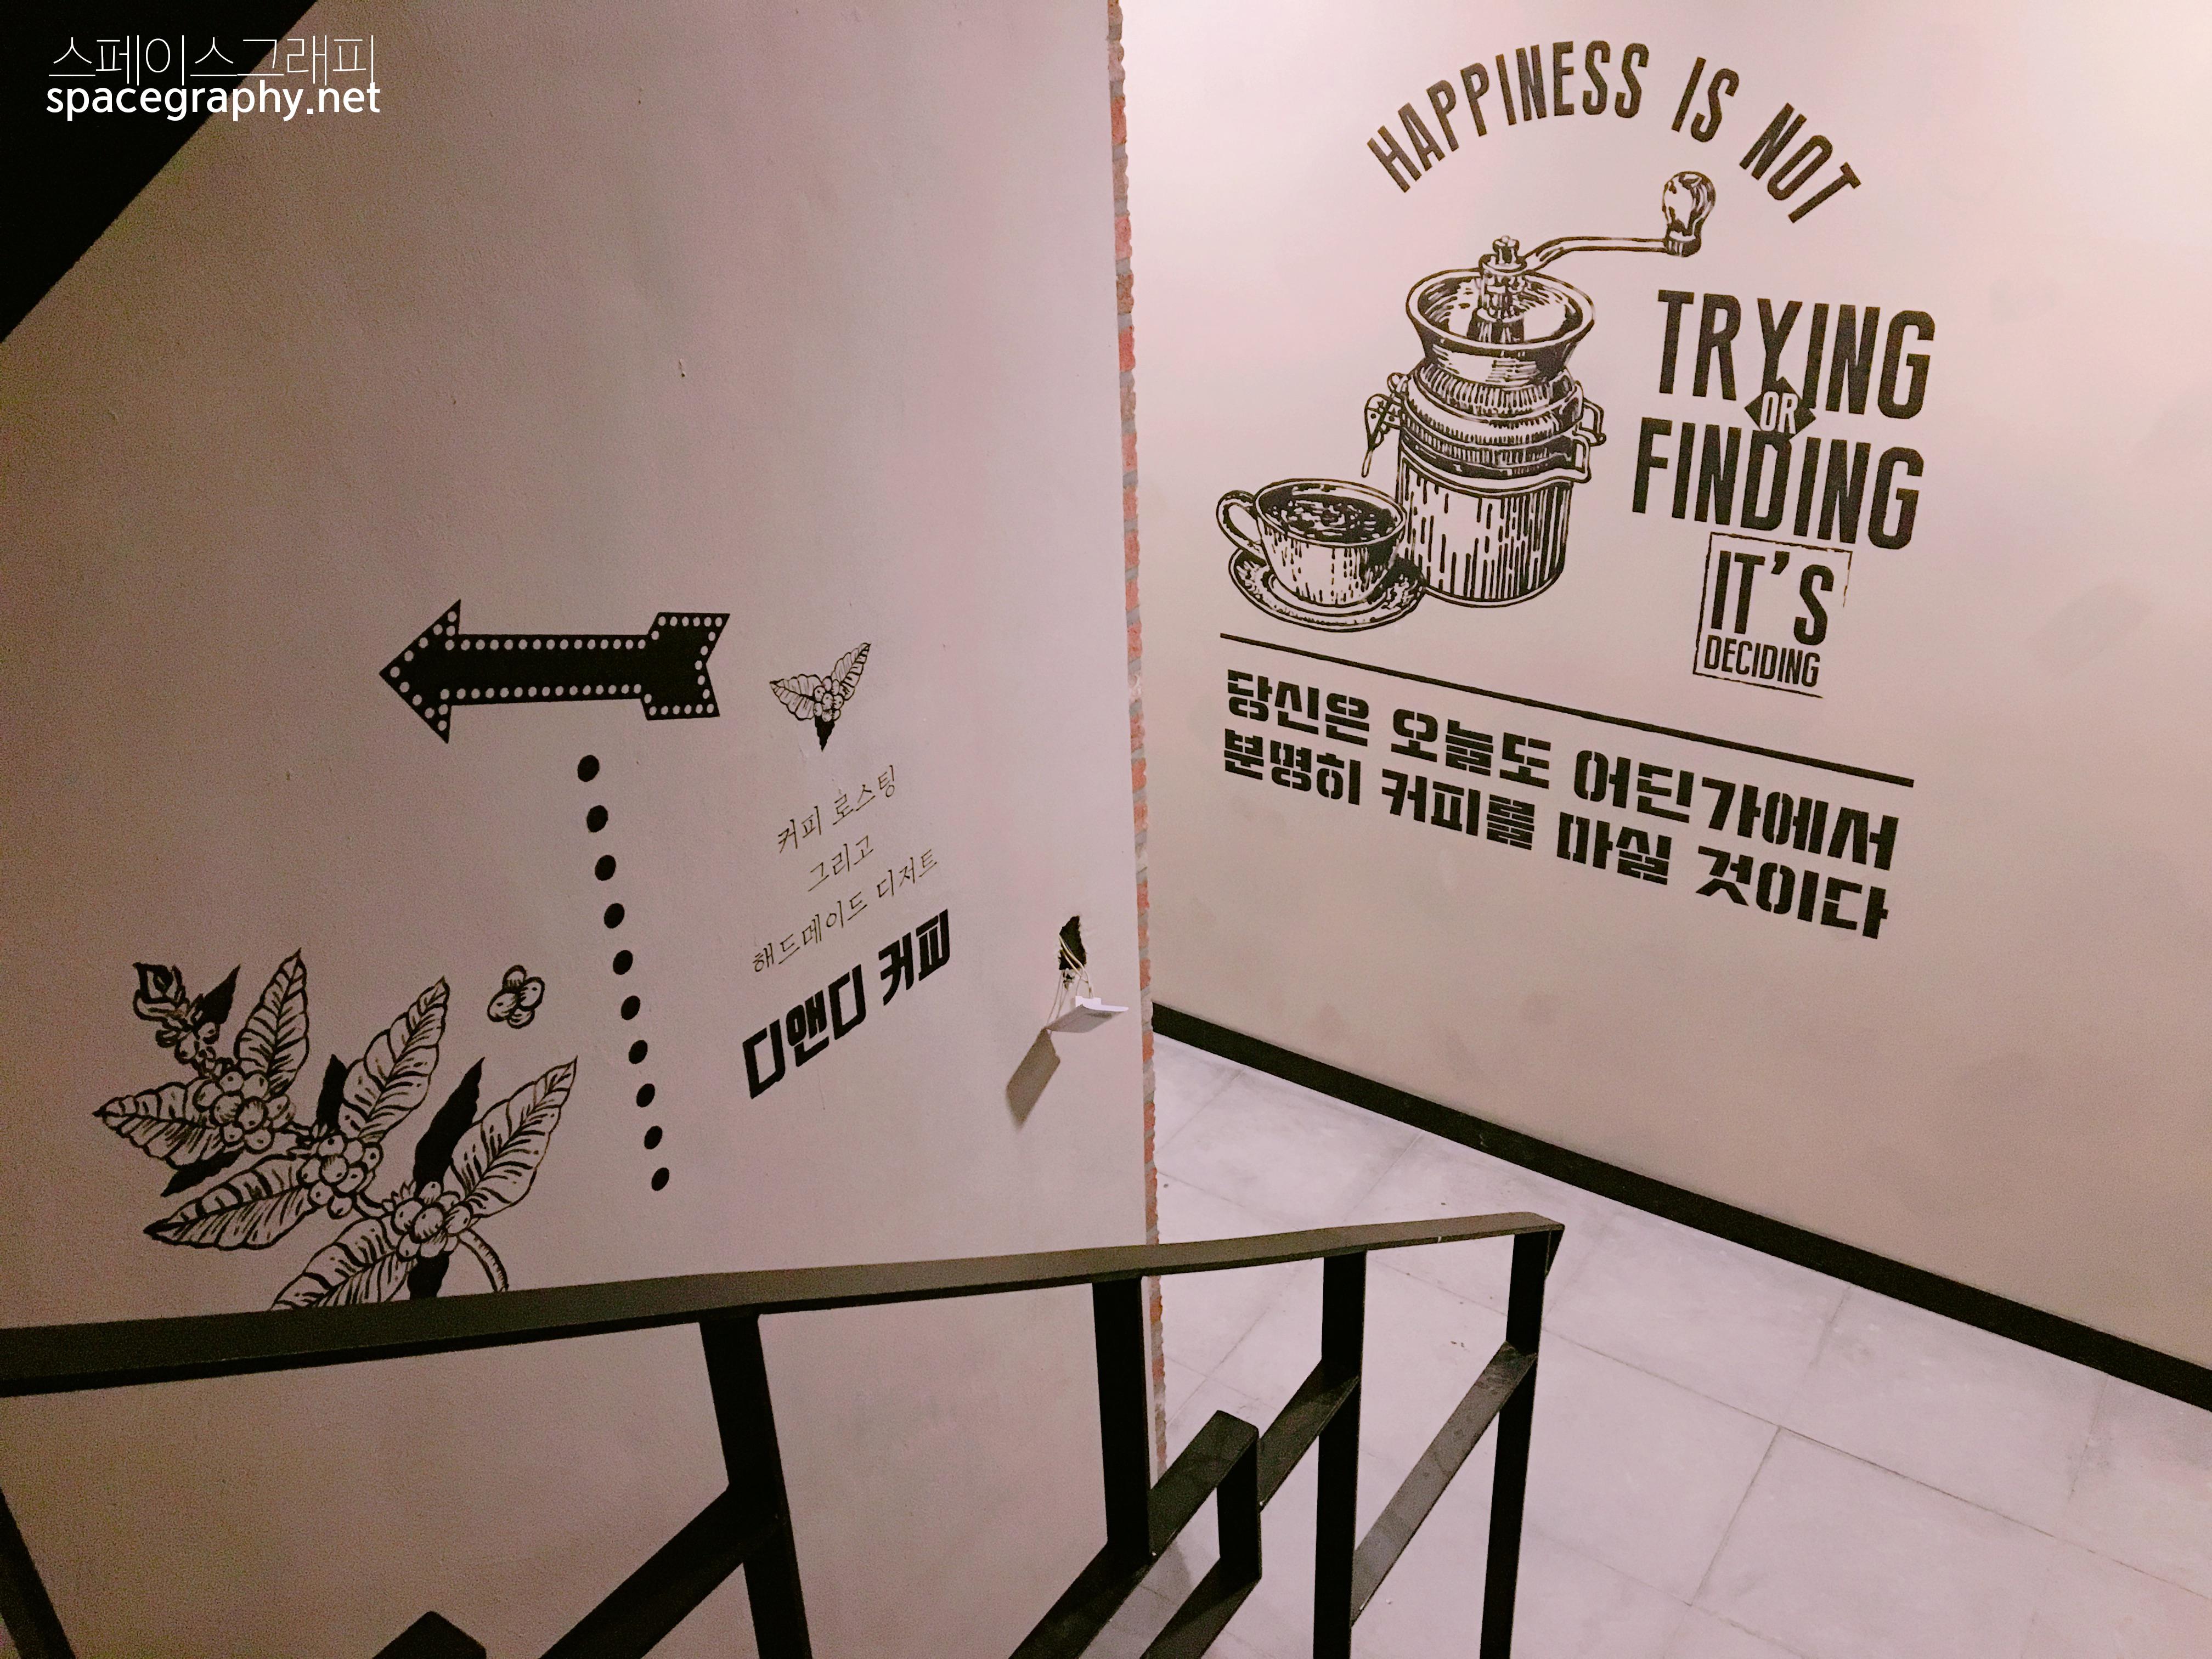 카페인테리어_카페벽화_라인벽화_라인드로잉벽화_빈티지벽화_커피숍벽화_커피숍인테리어_스텐실벽화_1